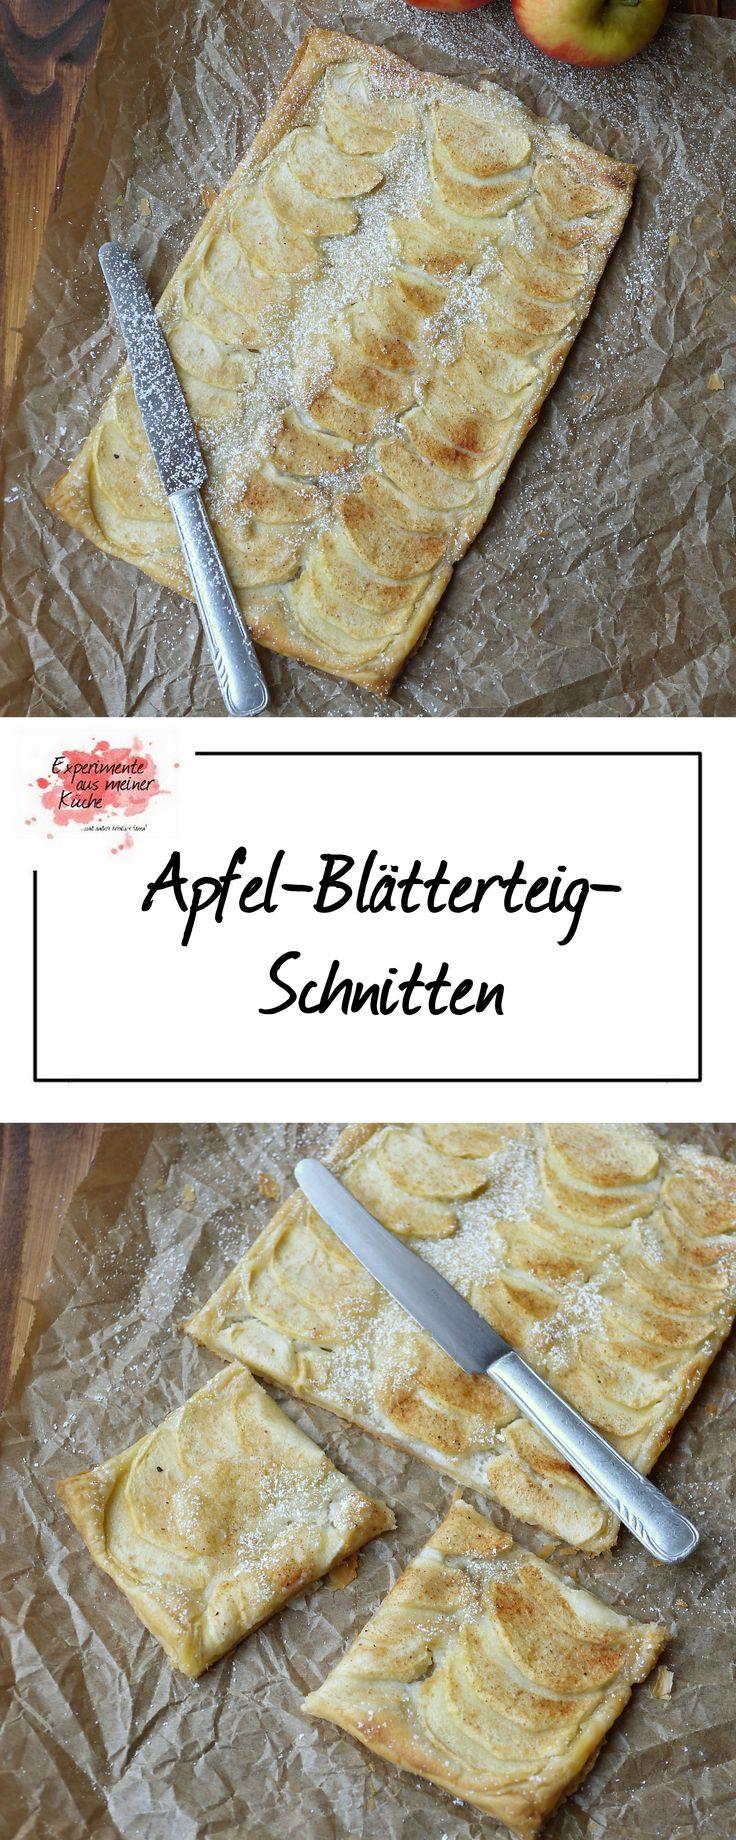 Apfel-Blätterteig-Schnitten | Kuchen | Backen | Schnell